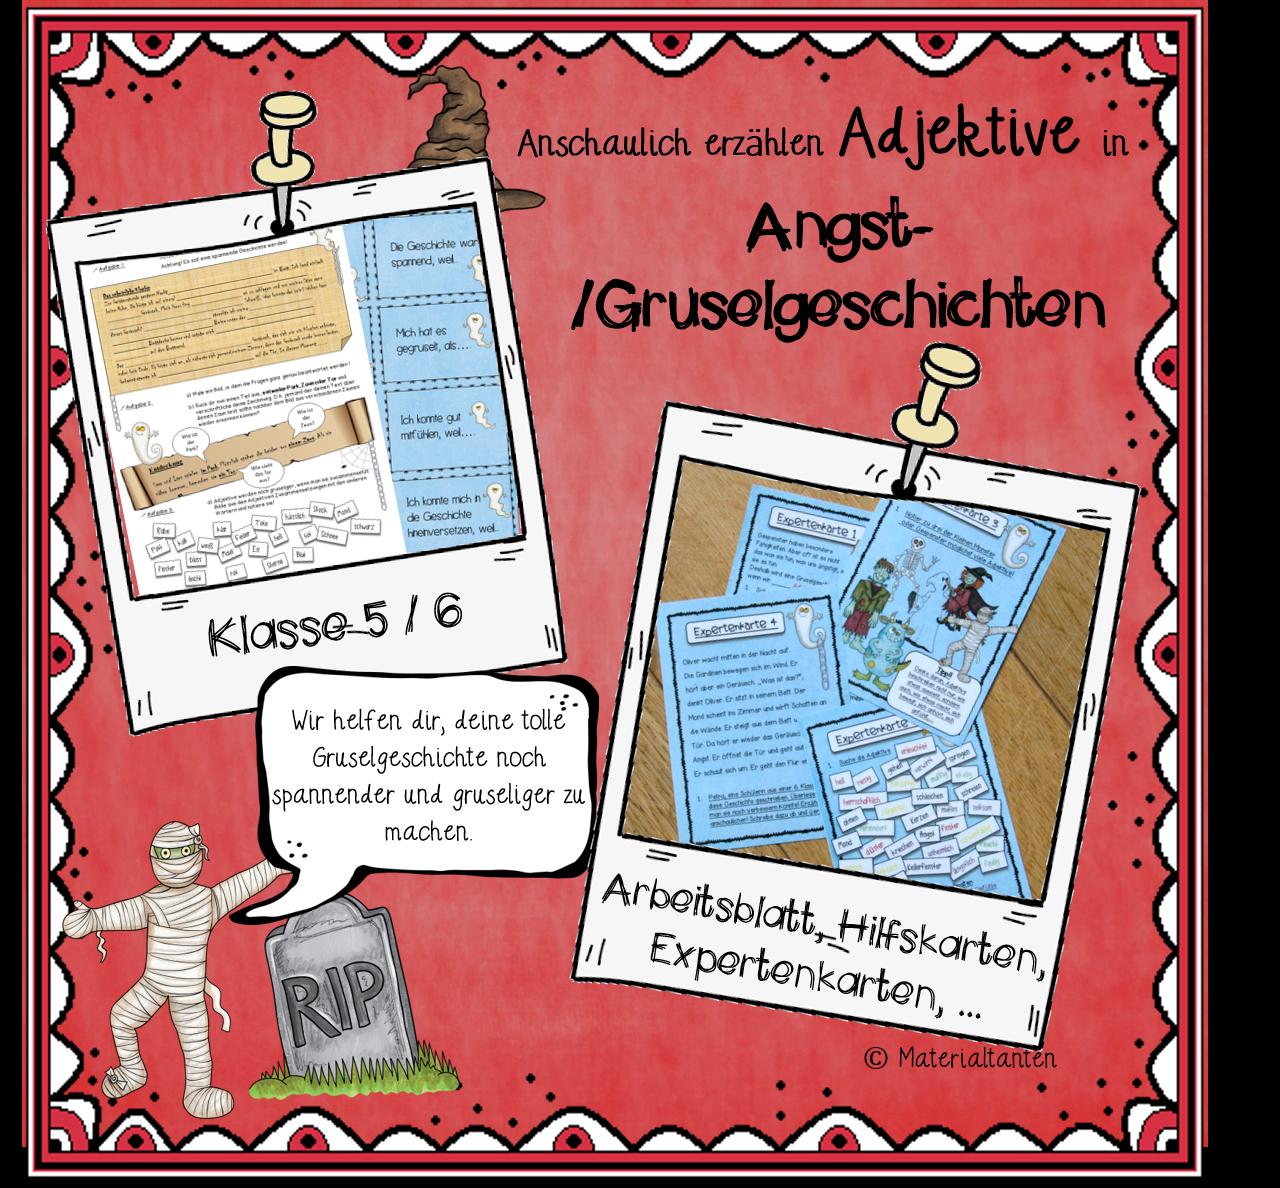 Angst-/Gruselgeschichten - Adjektive - Materialtanten